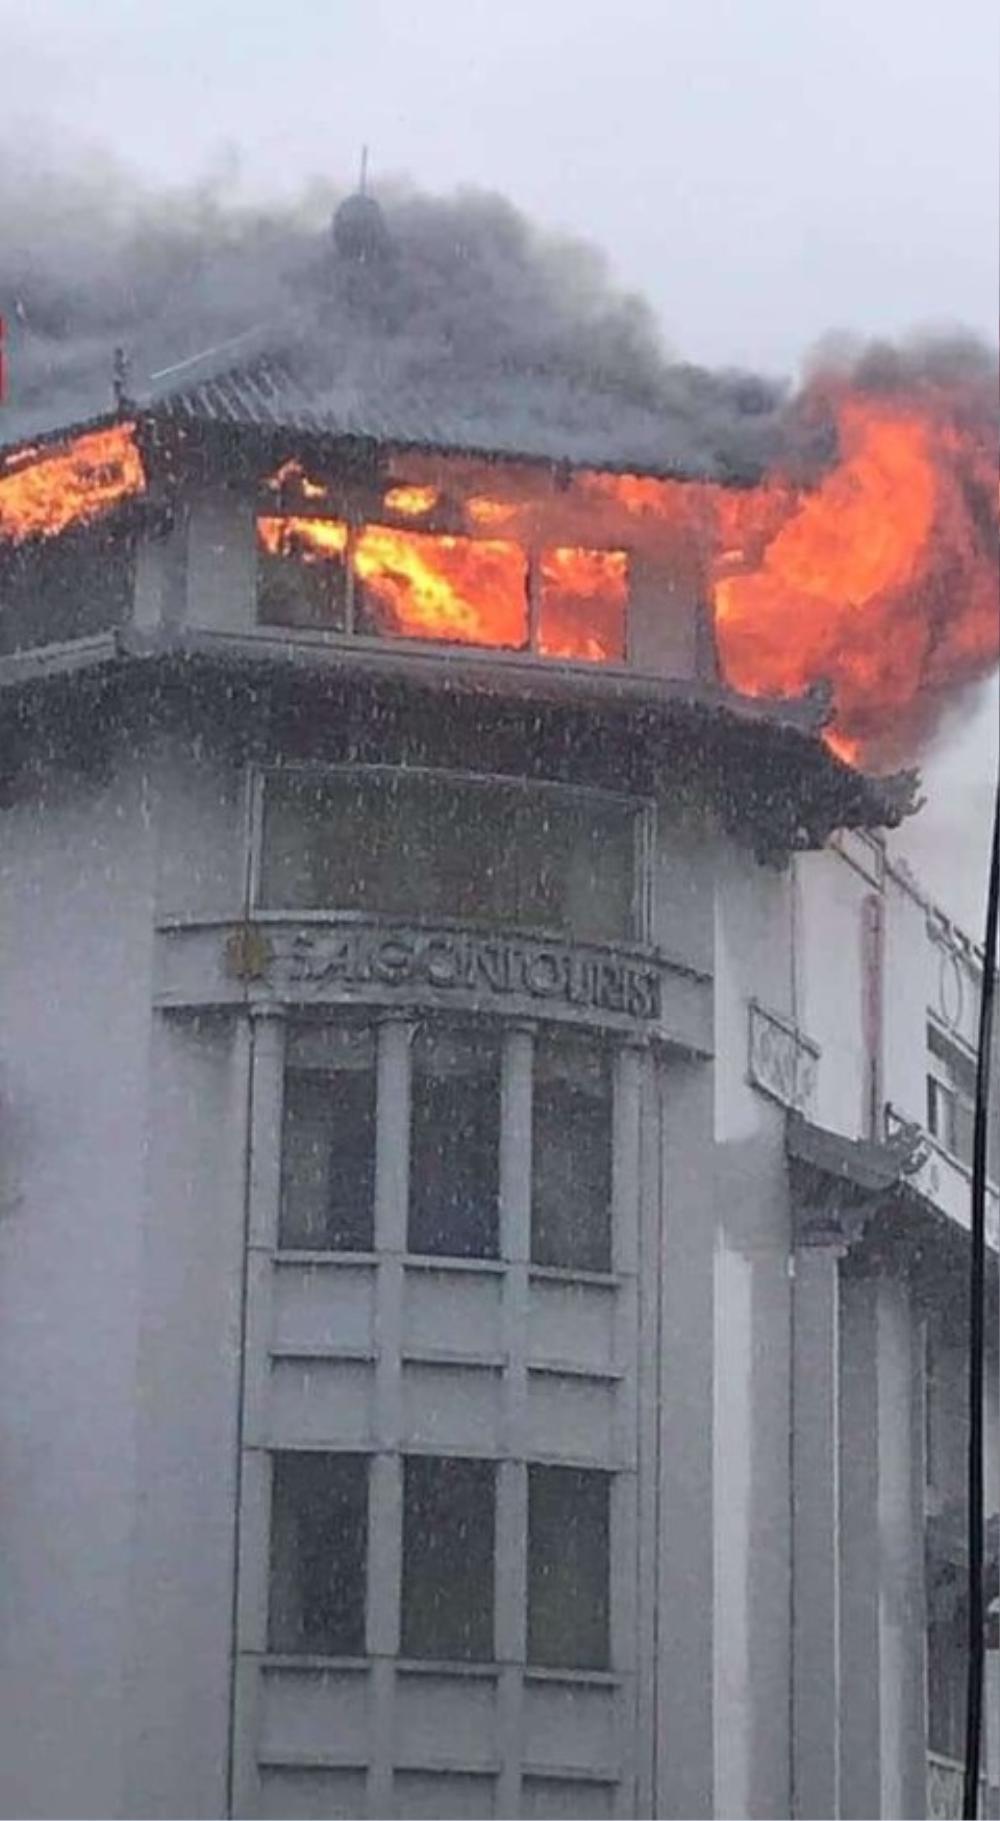 Khách sạn Đồng Khánh bất ngờ bốc cháy dữ dội trong cơn mưa lớn ở Sài Gòn Ảnh 1